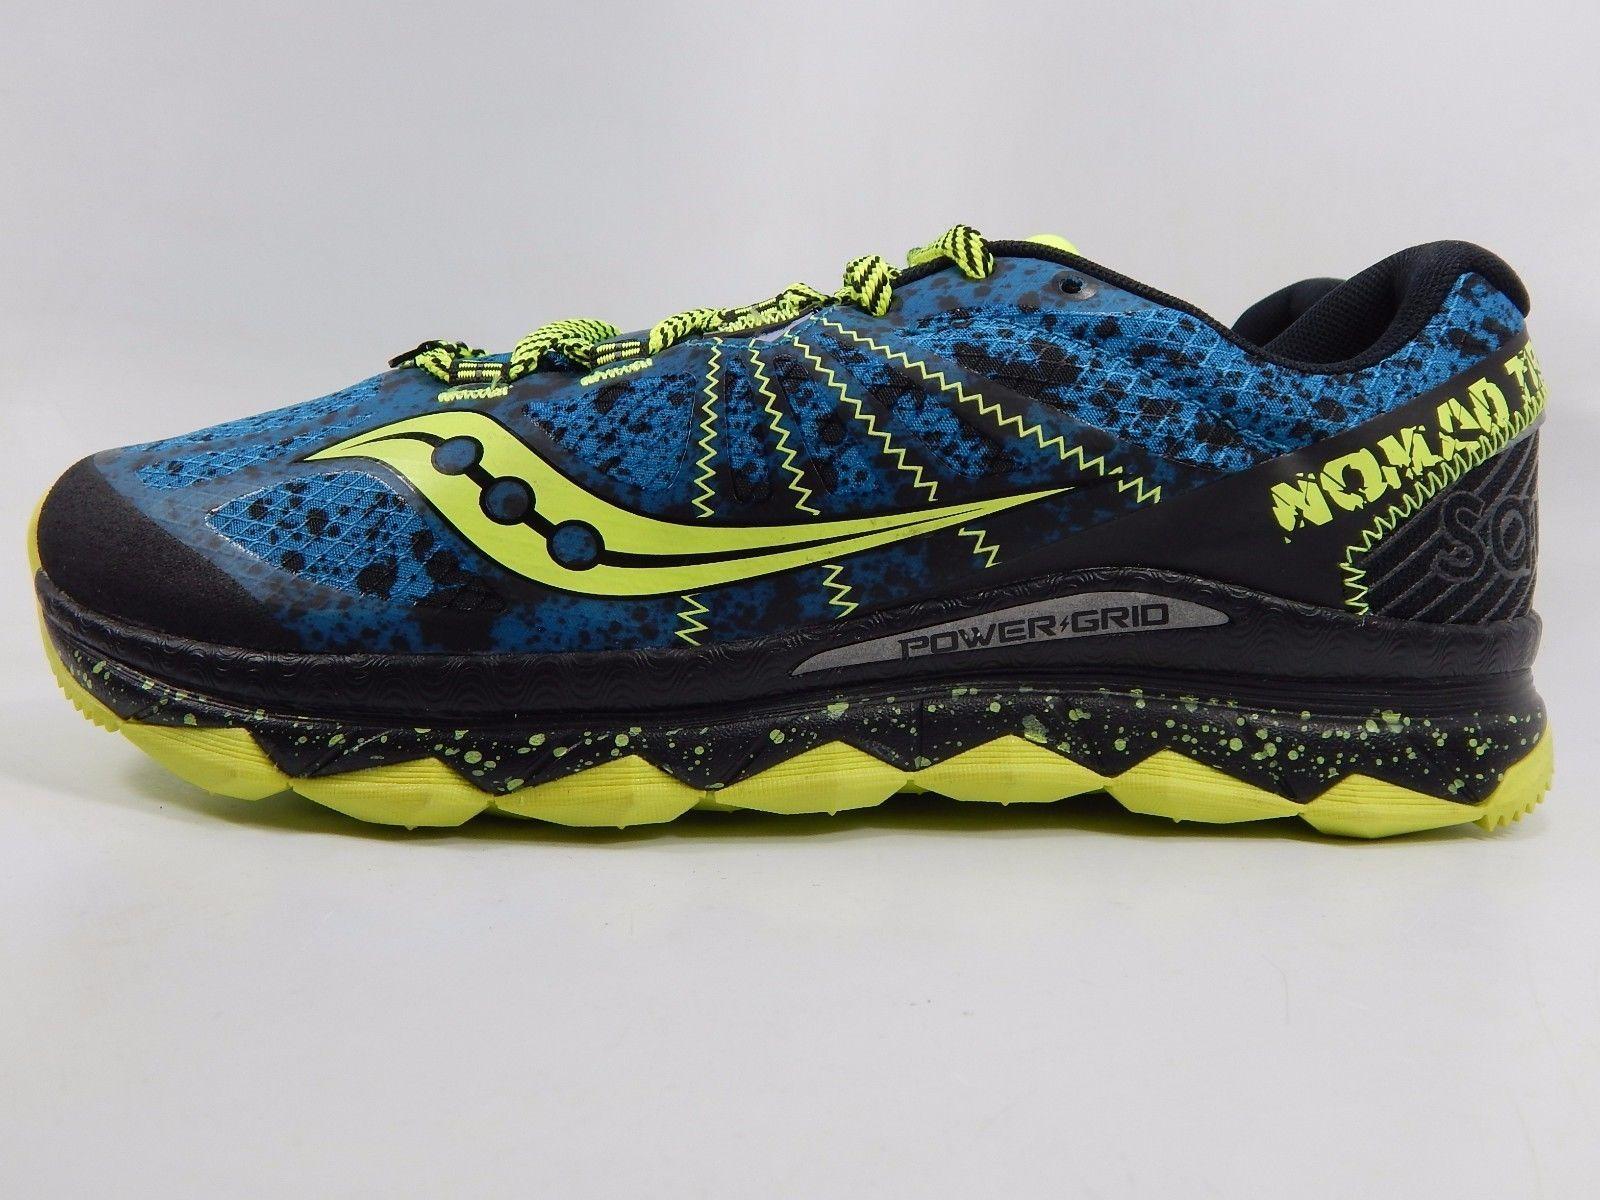 Saucony Nomad TR Men's Trail Running Shoes Size US 9 M (D) EU 42.5 Blue S20287-1